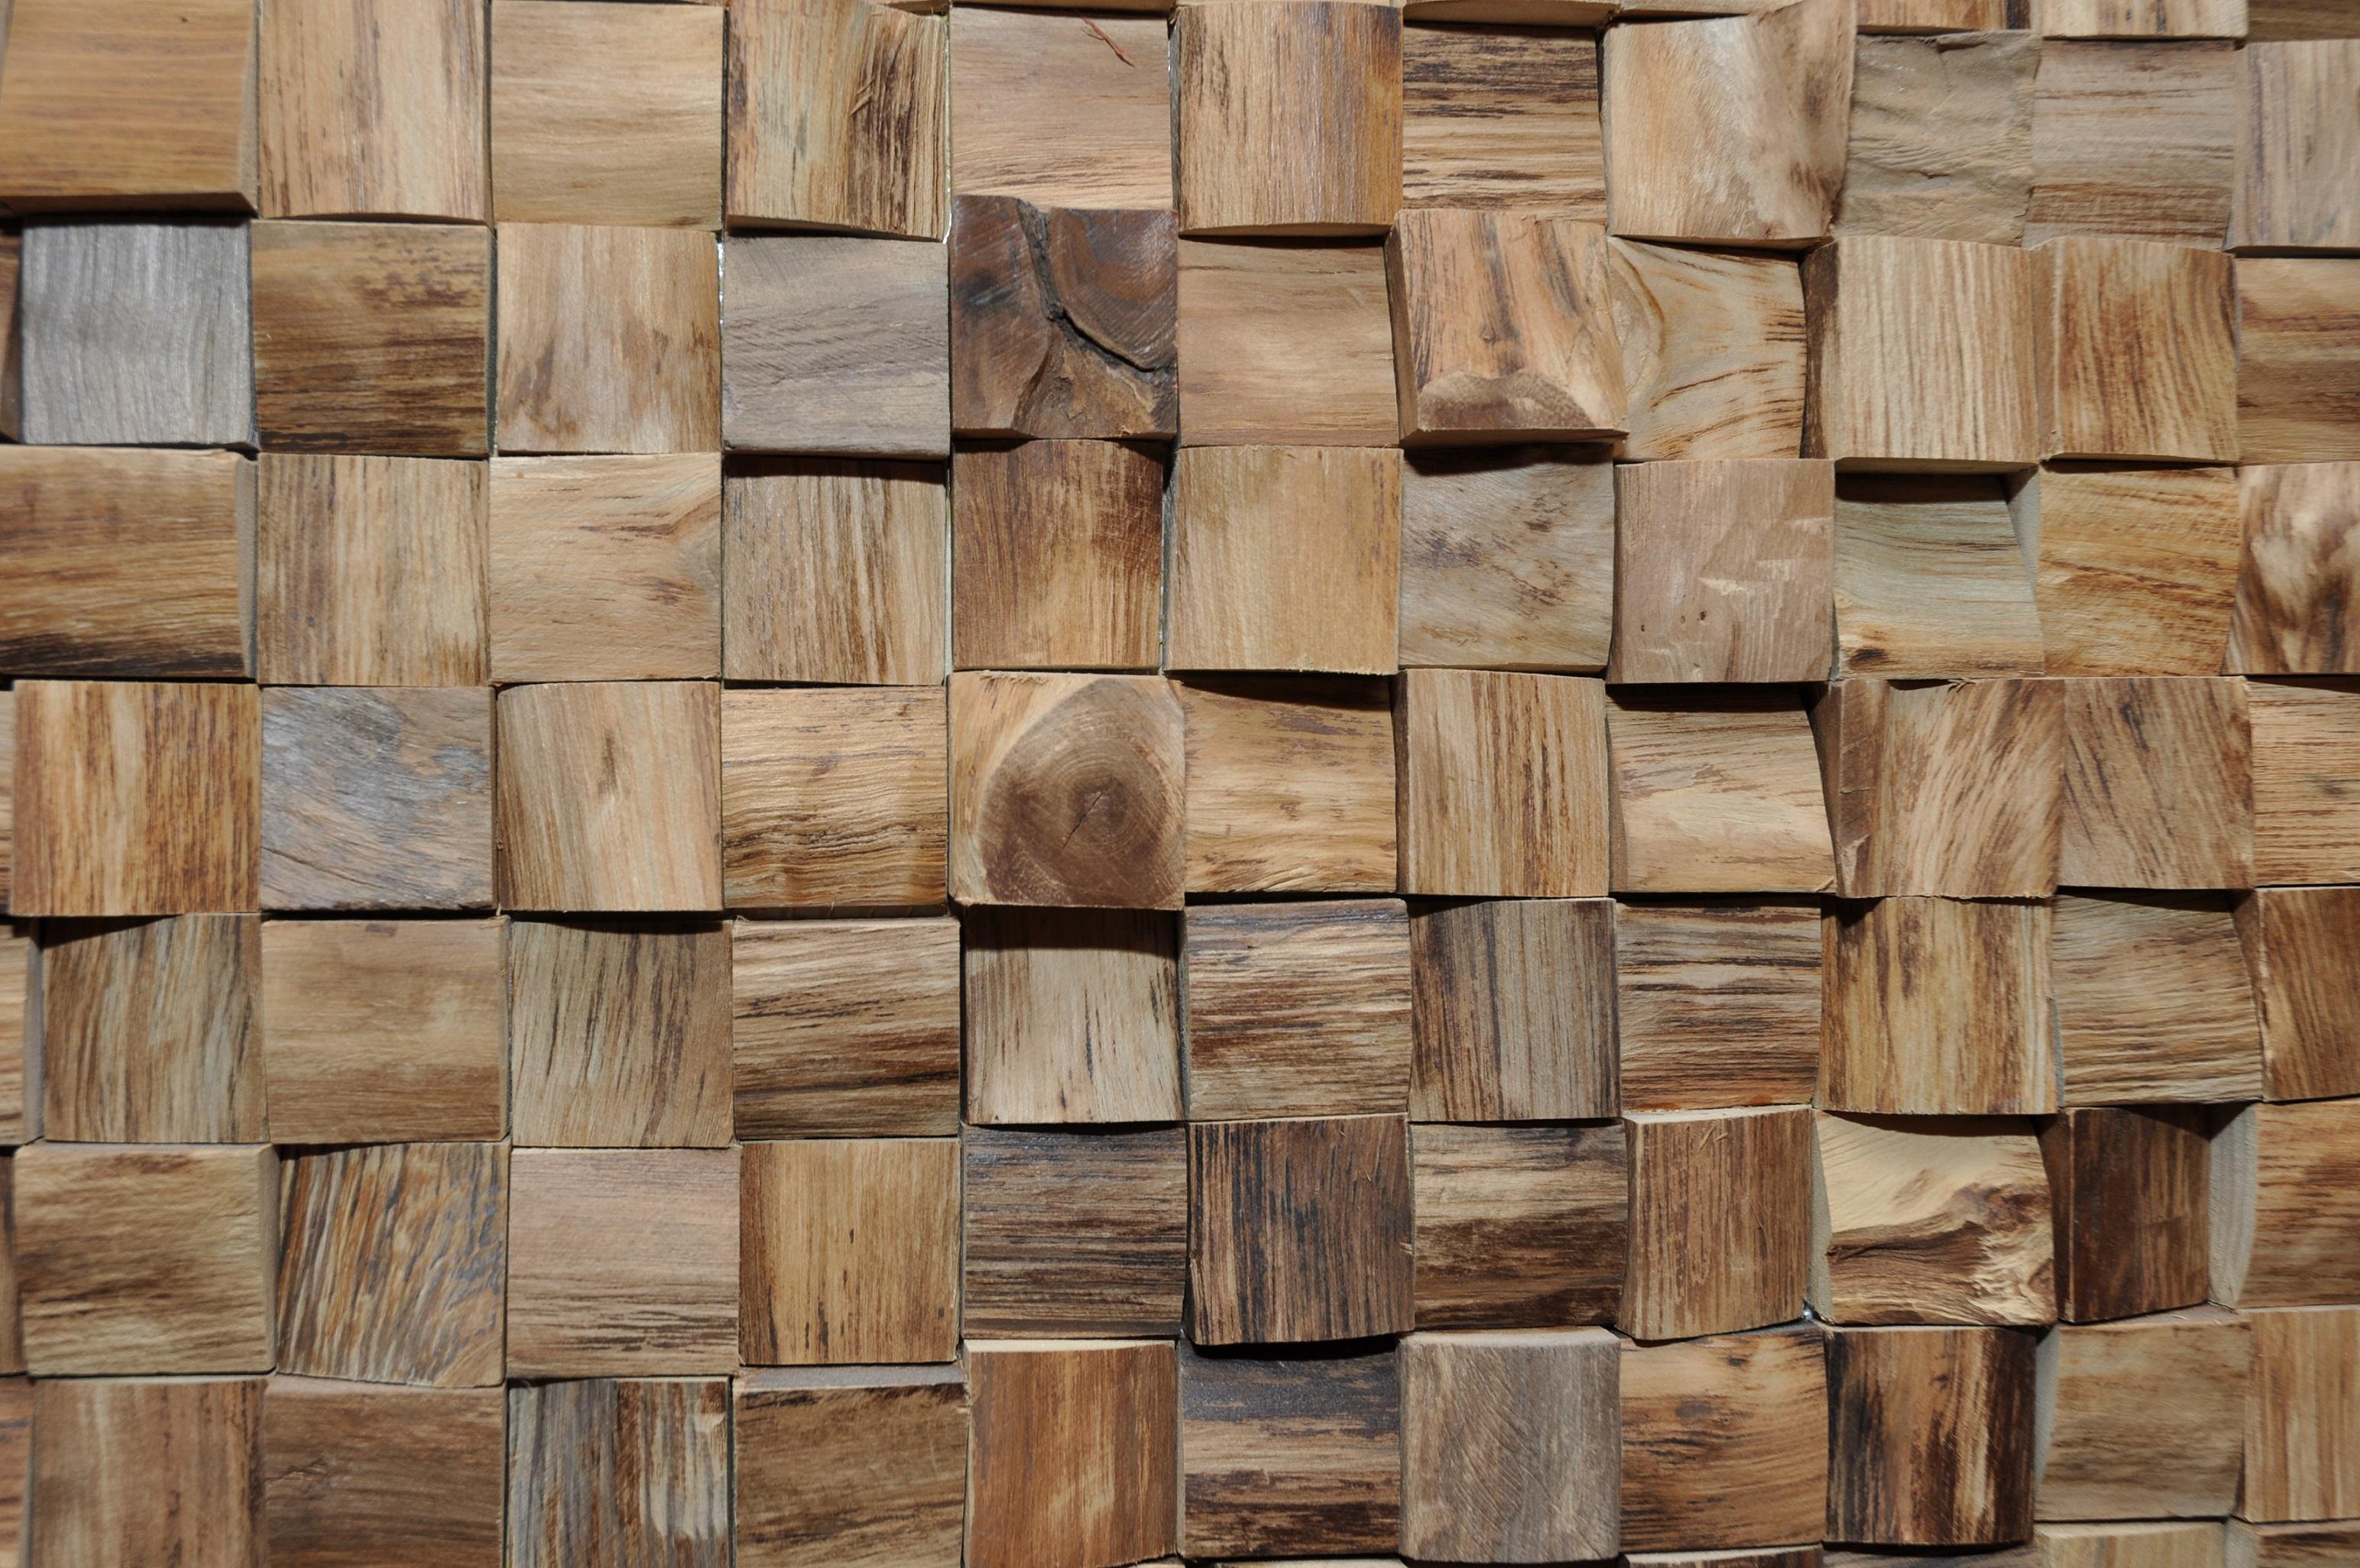 Wandbekleding in hout   sd schrijnwerkerij sd schrijnwerkerij